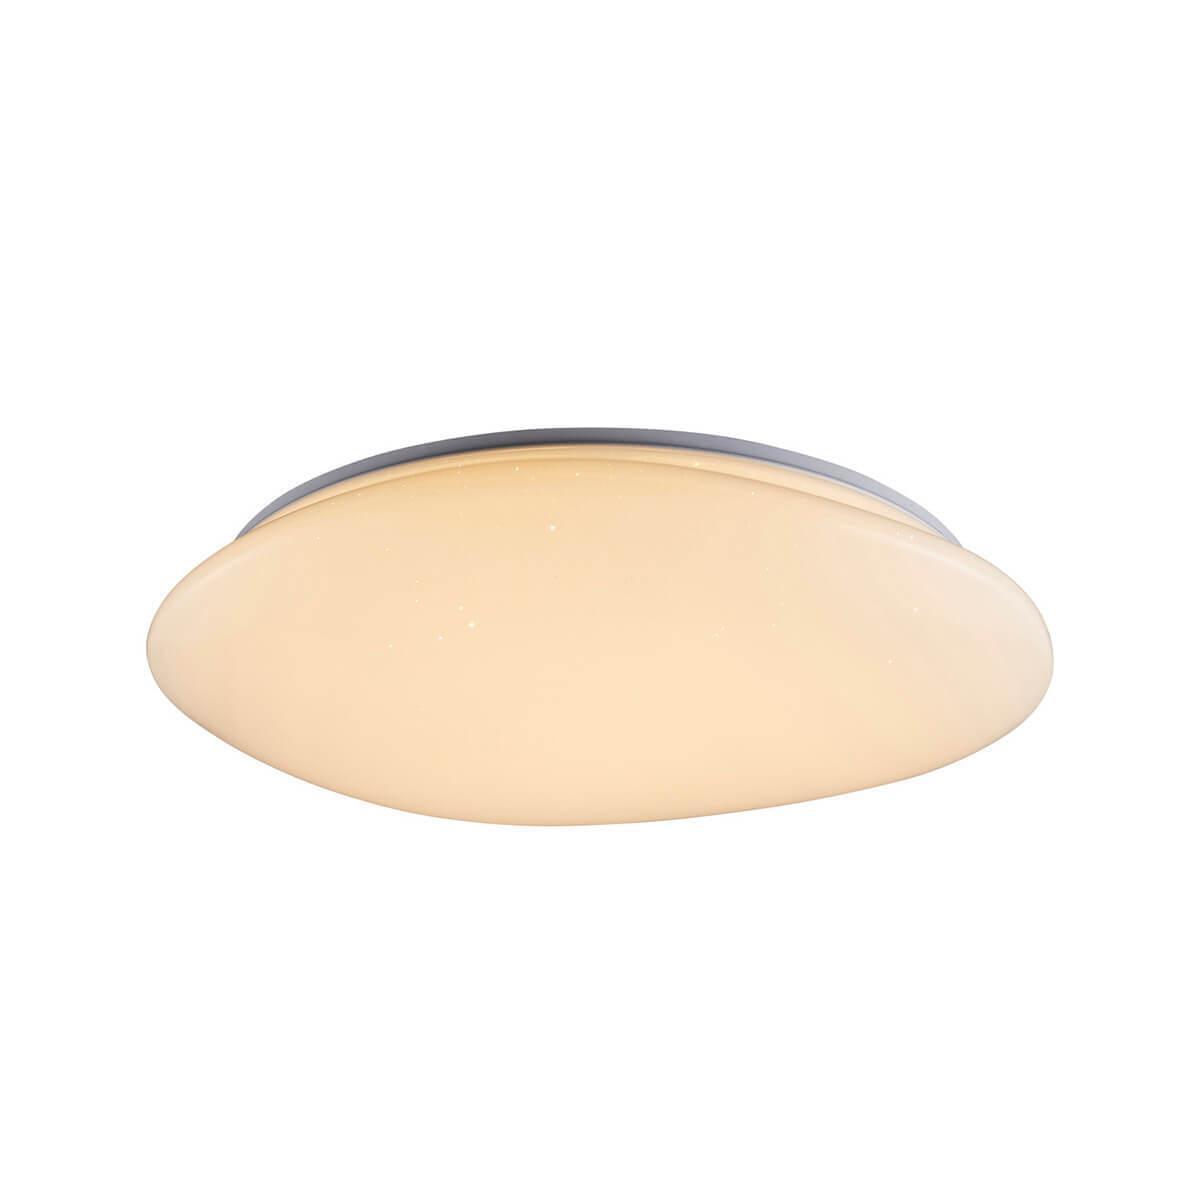 Потолочный светильник Omnilux OML-47507-60, LED, 60 Вт